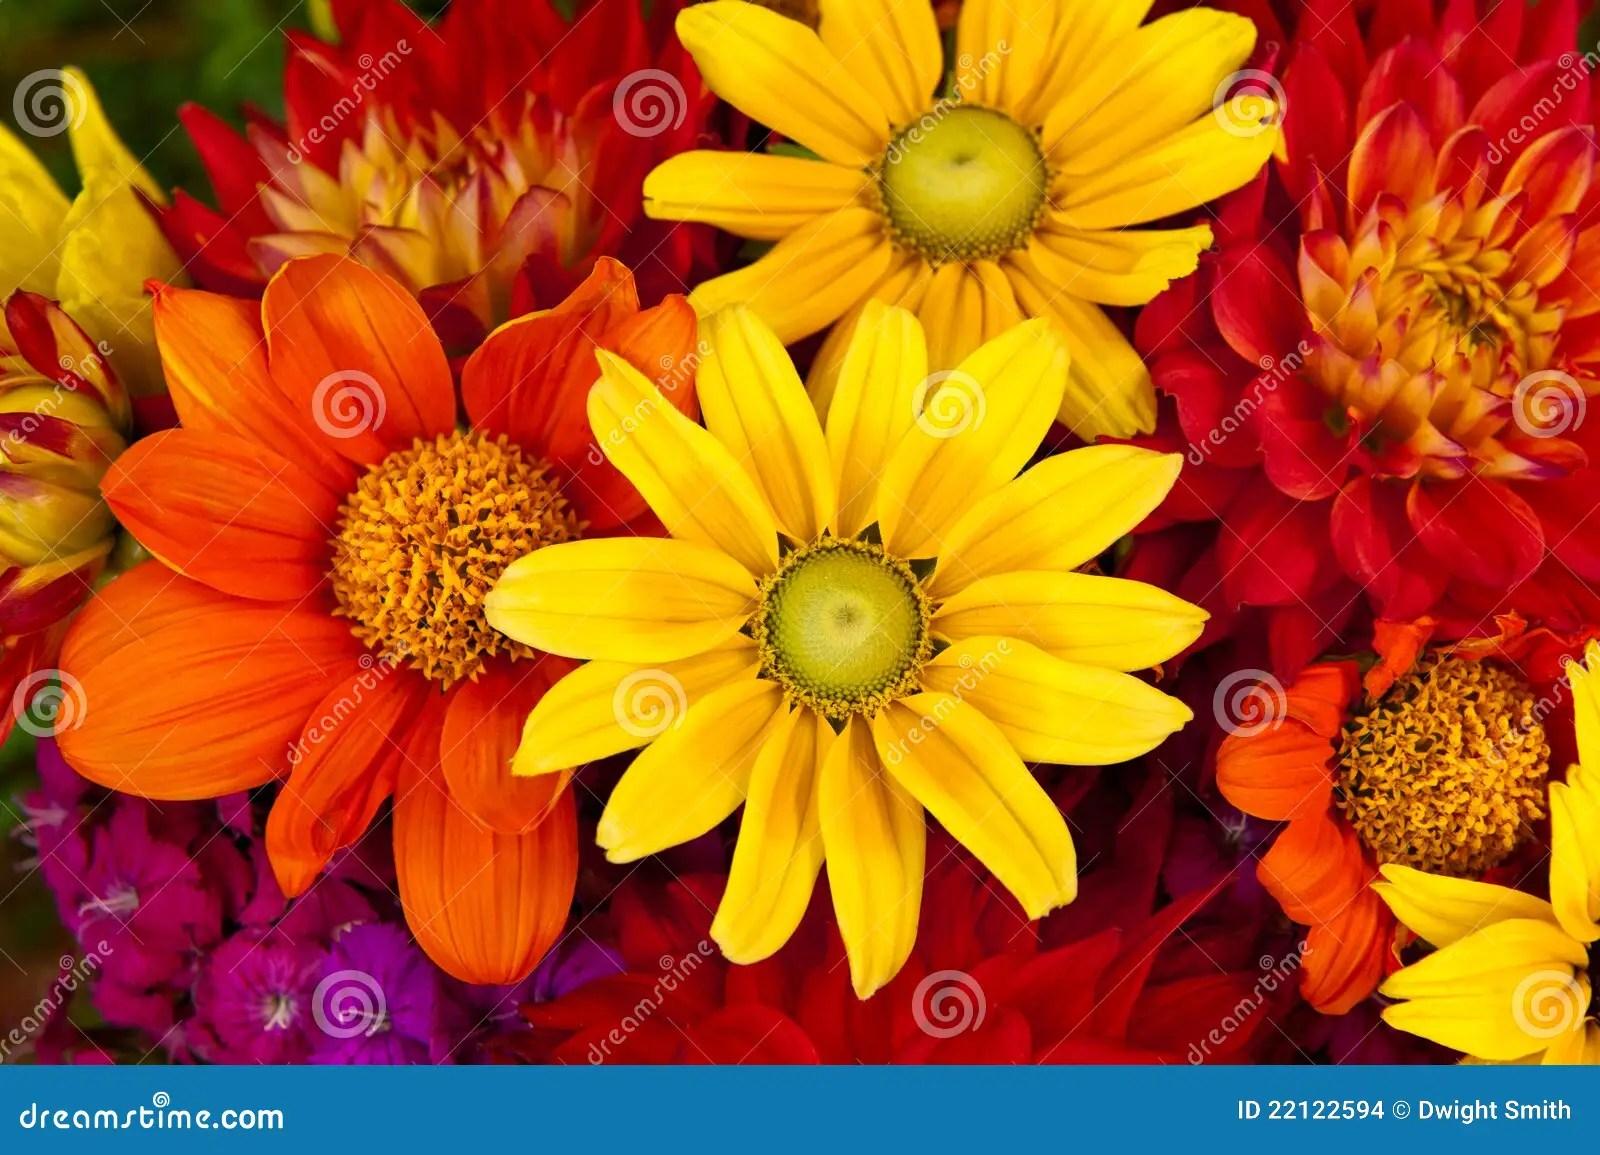 Poets Of The Fall Wallpaper Flores Do Outono Foto De Stock Imagem De Vida Brilhante